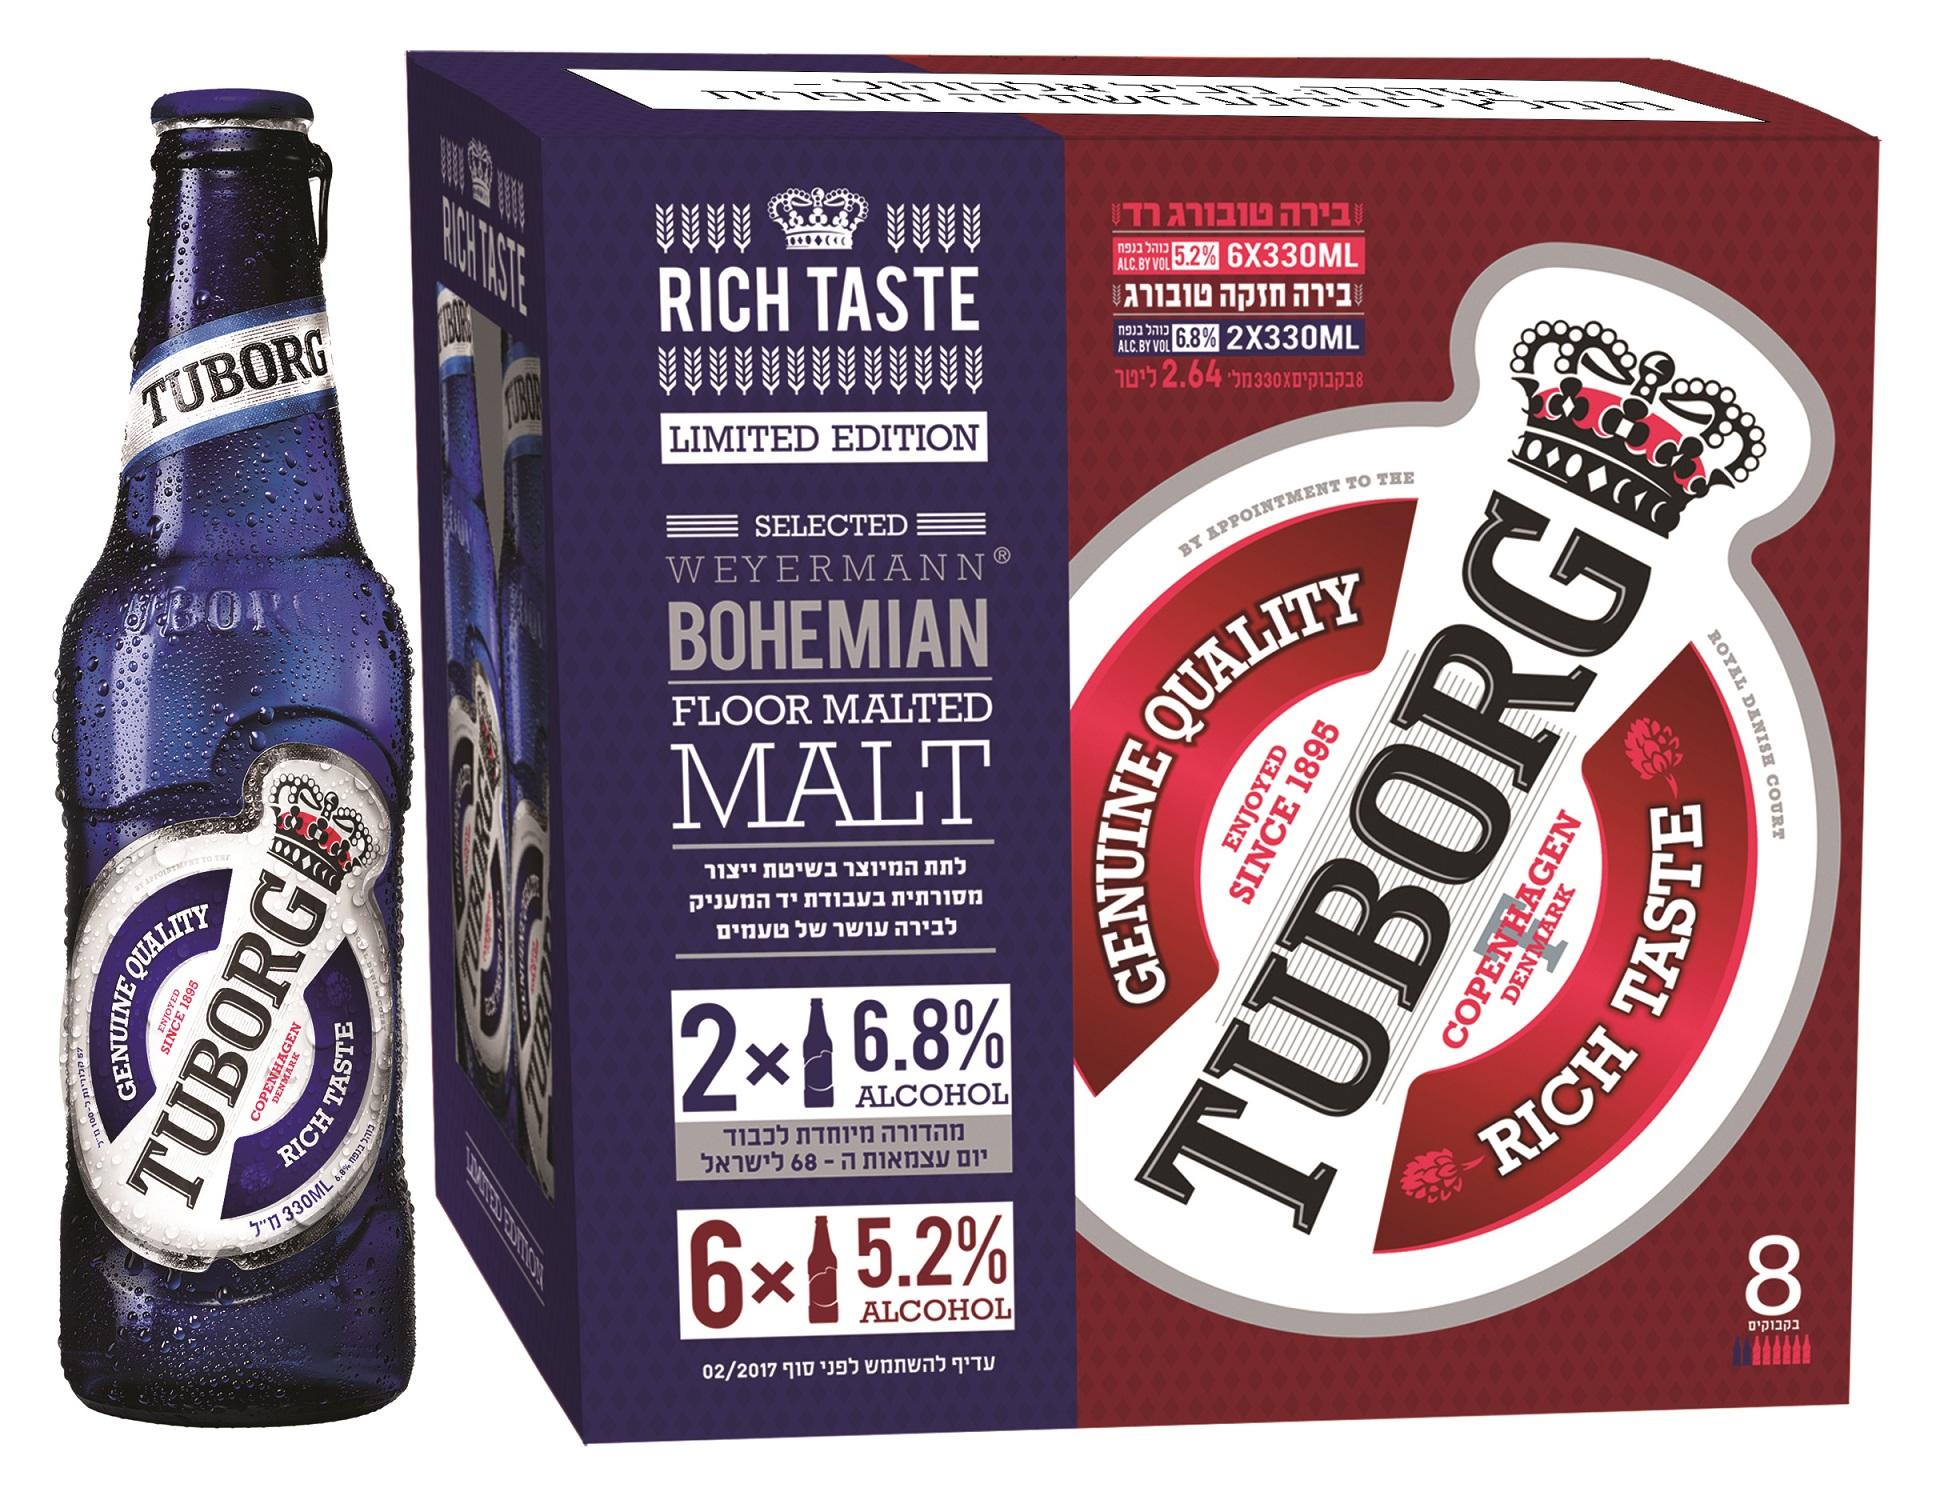 Tuborg limited edition – особое пиво с 6.8% алкоголя,специально ко Дню Независимости